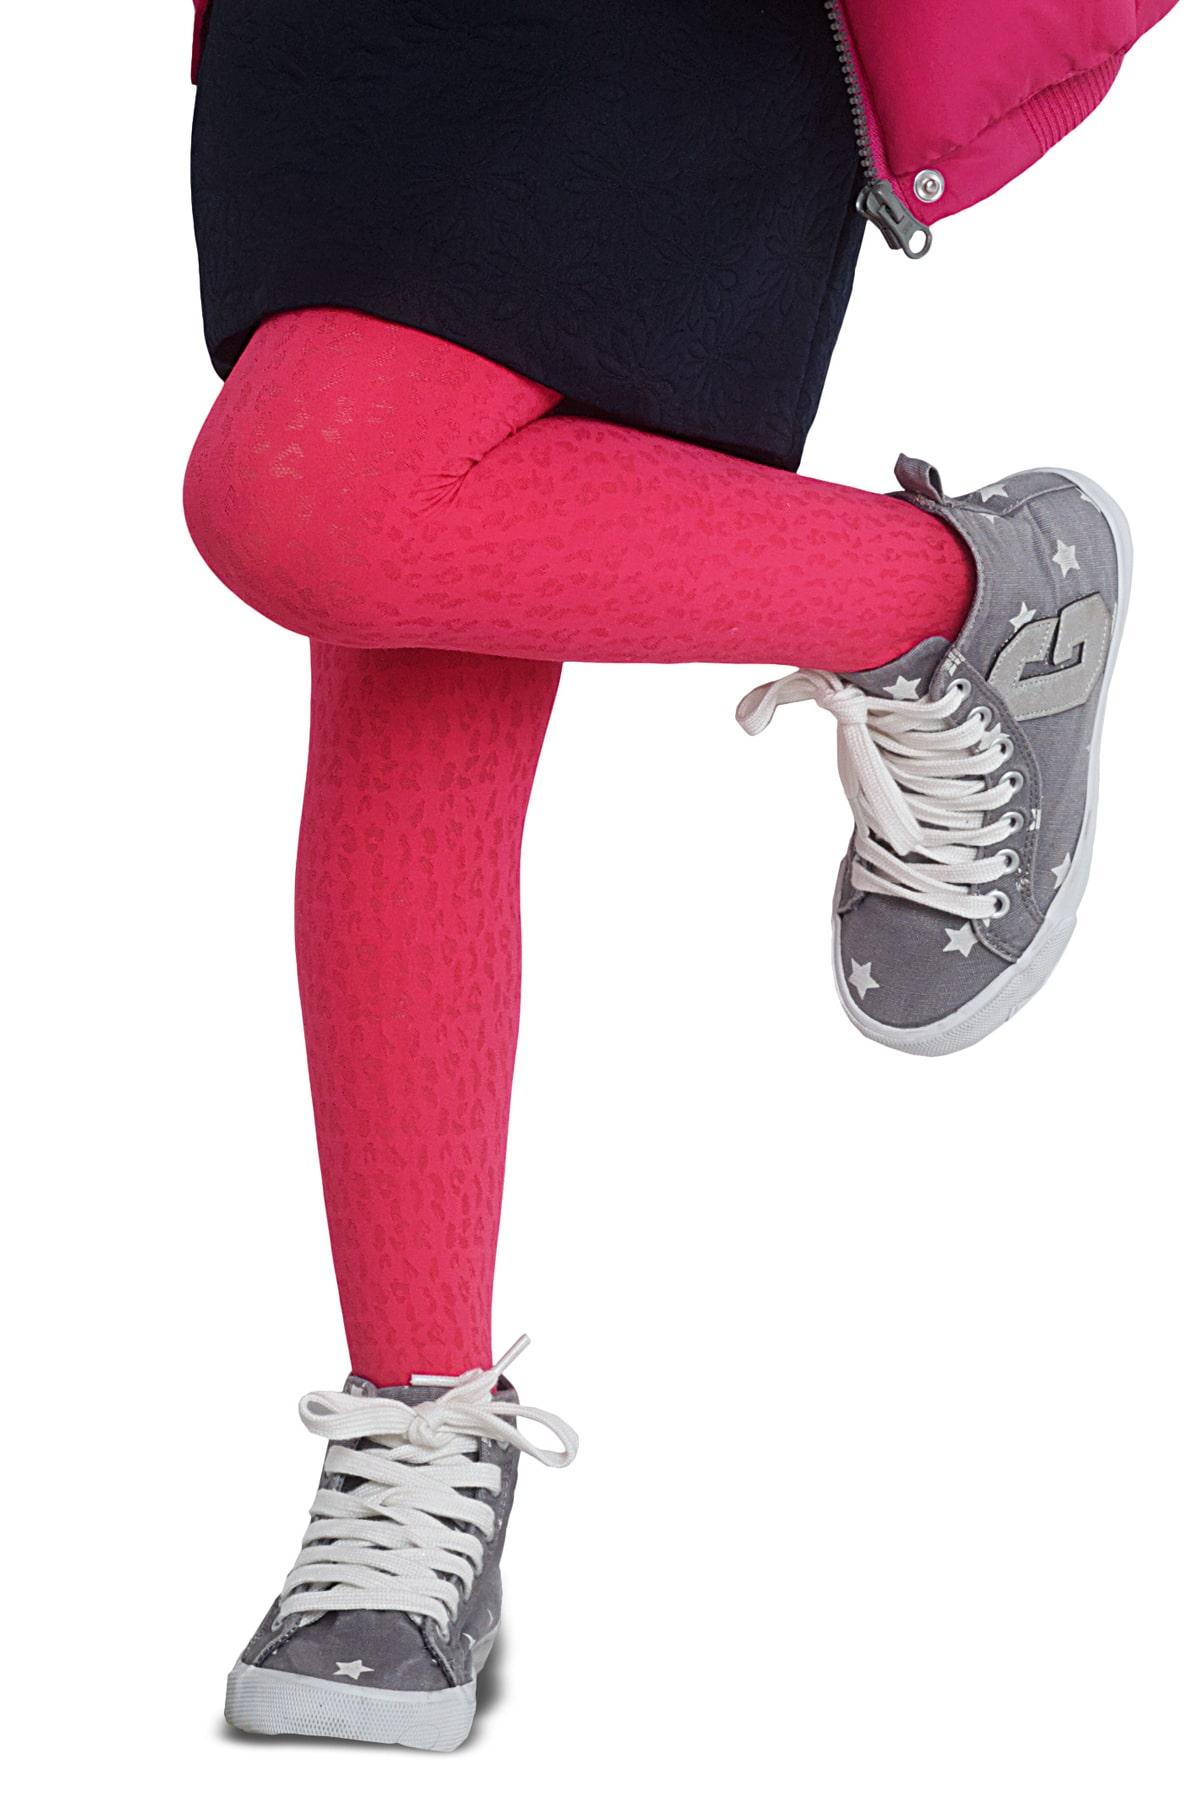 پنتی | Penti - جوراب شلواری دخترانه طرح Irene رنگ گلبهی